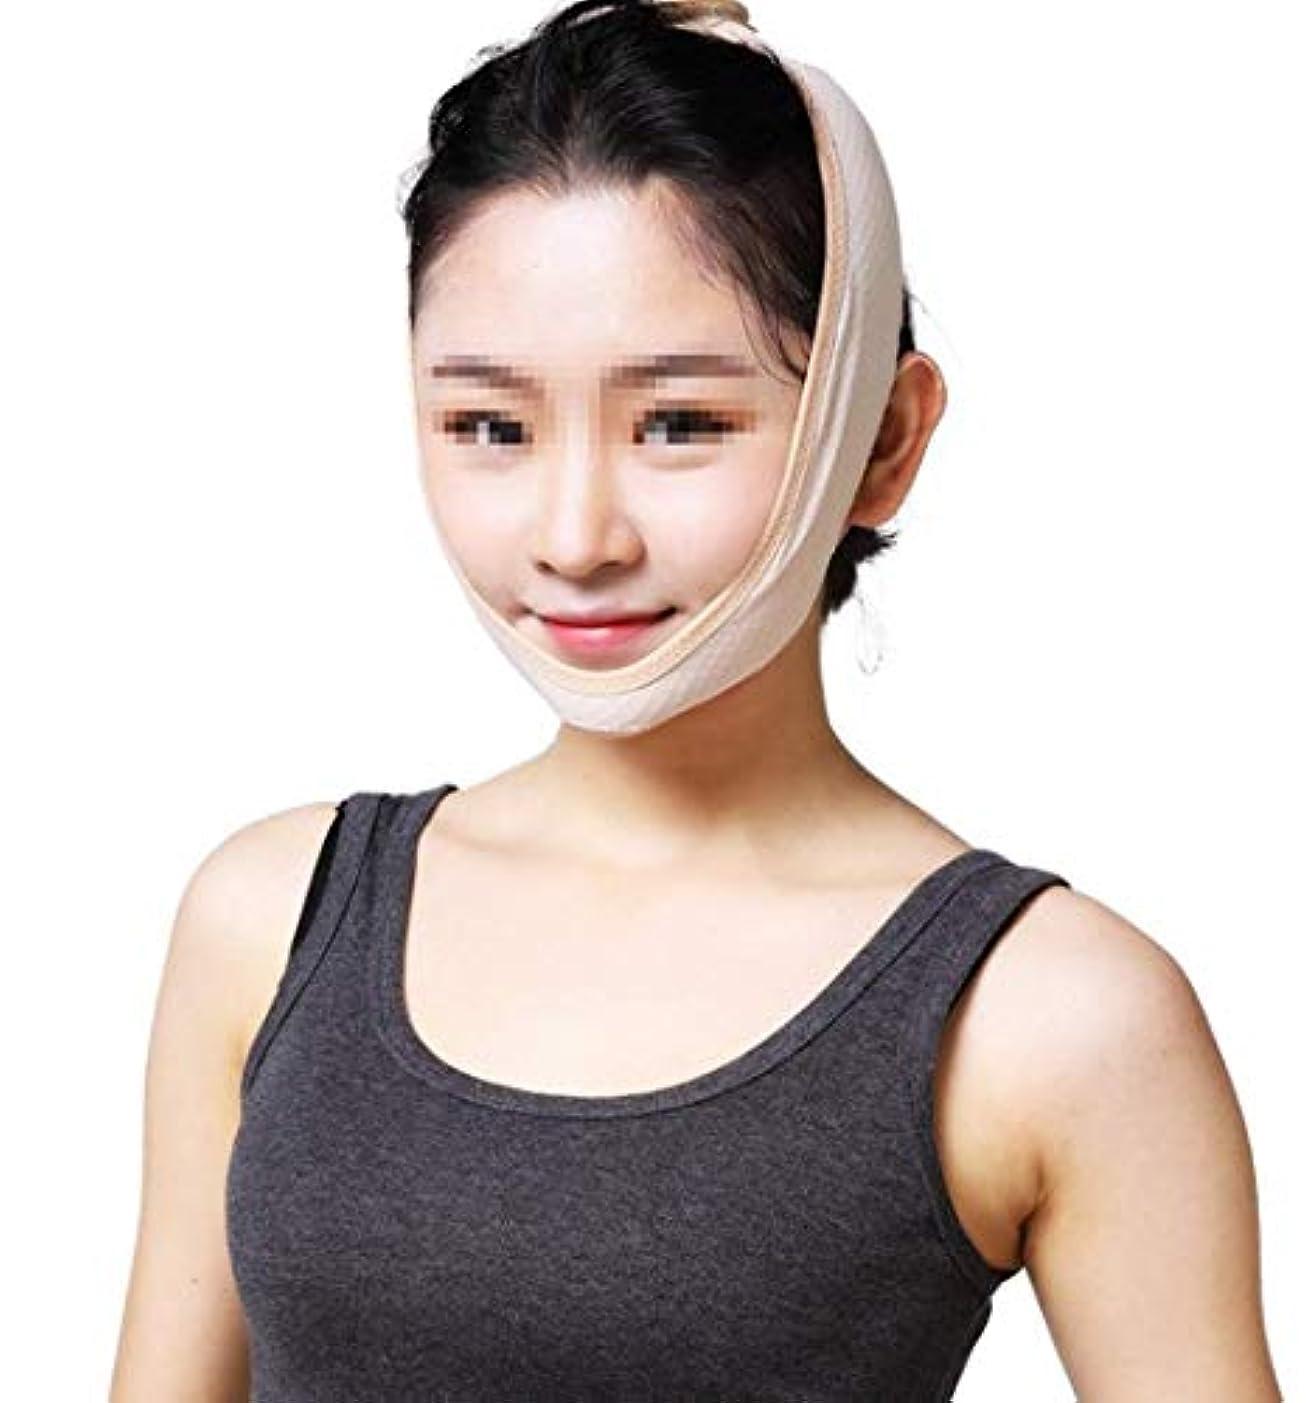 故意の相対サイズ胴体顔を持ち上げる包帯、口を開けて眠るのを防ぐための女性の通気性のいびきベルトいびきアーティファクトアンチあごの脱臼の修正包帯のいびき装置